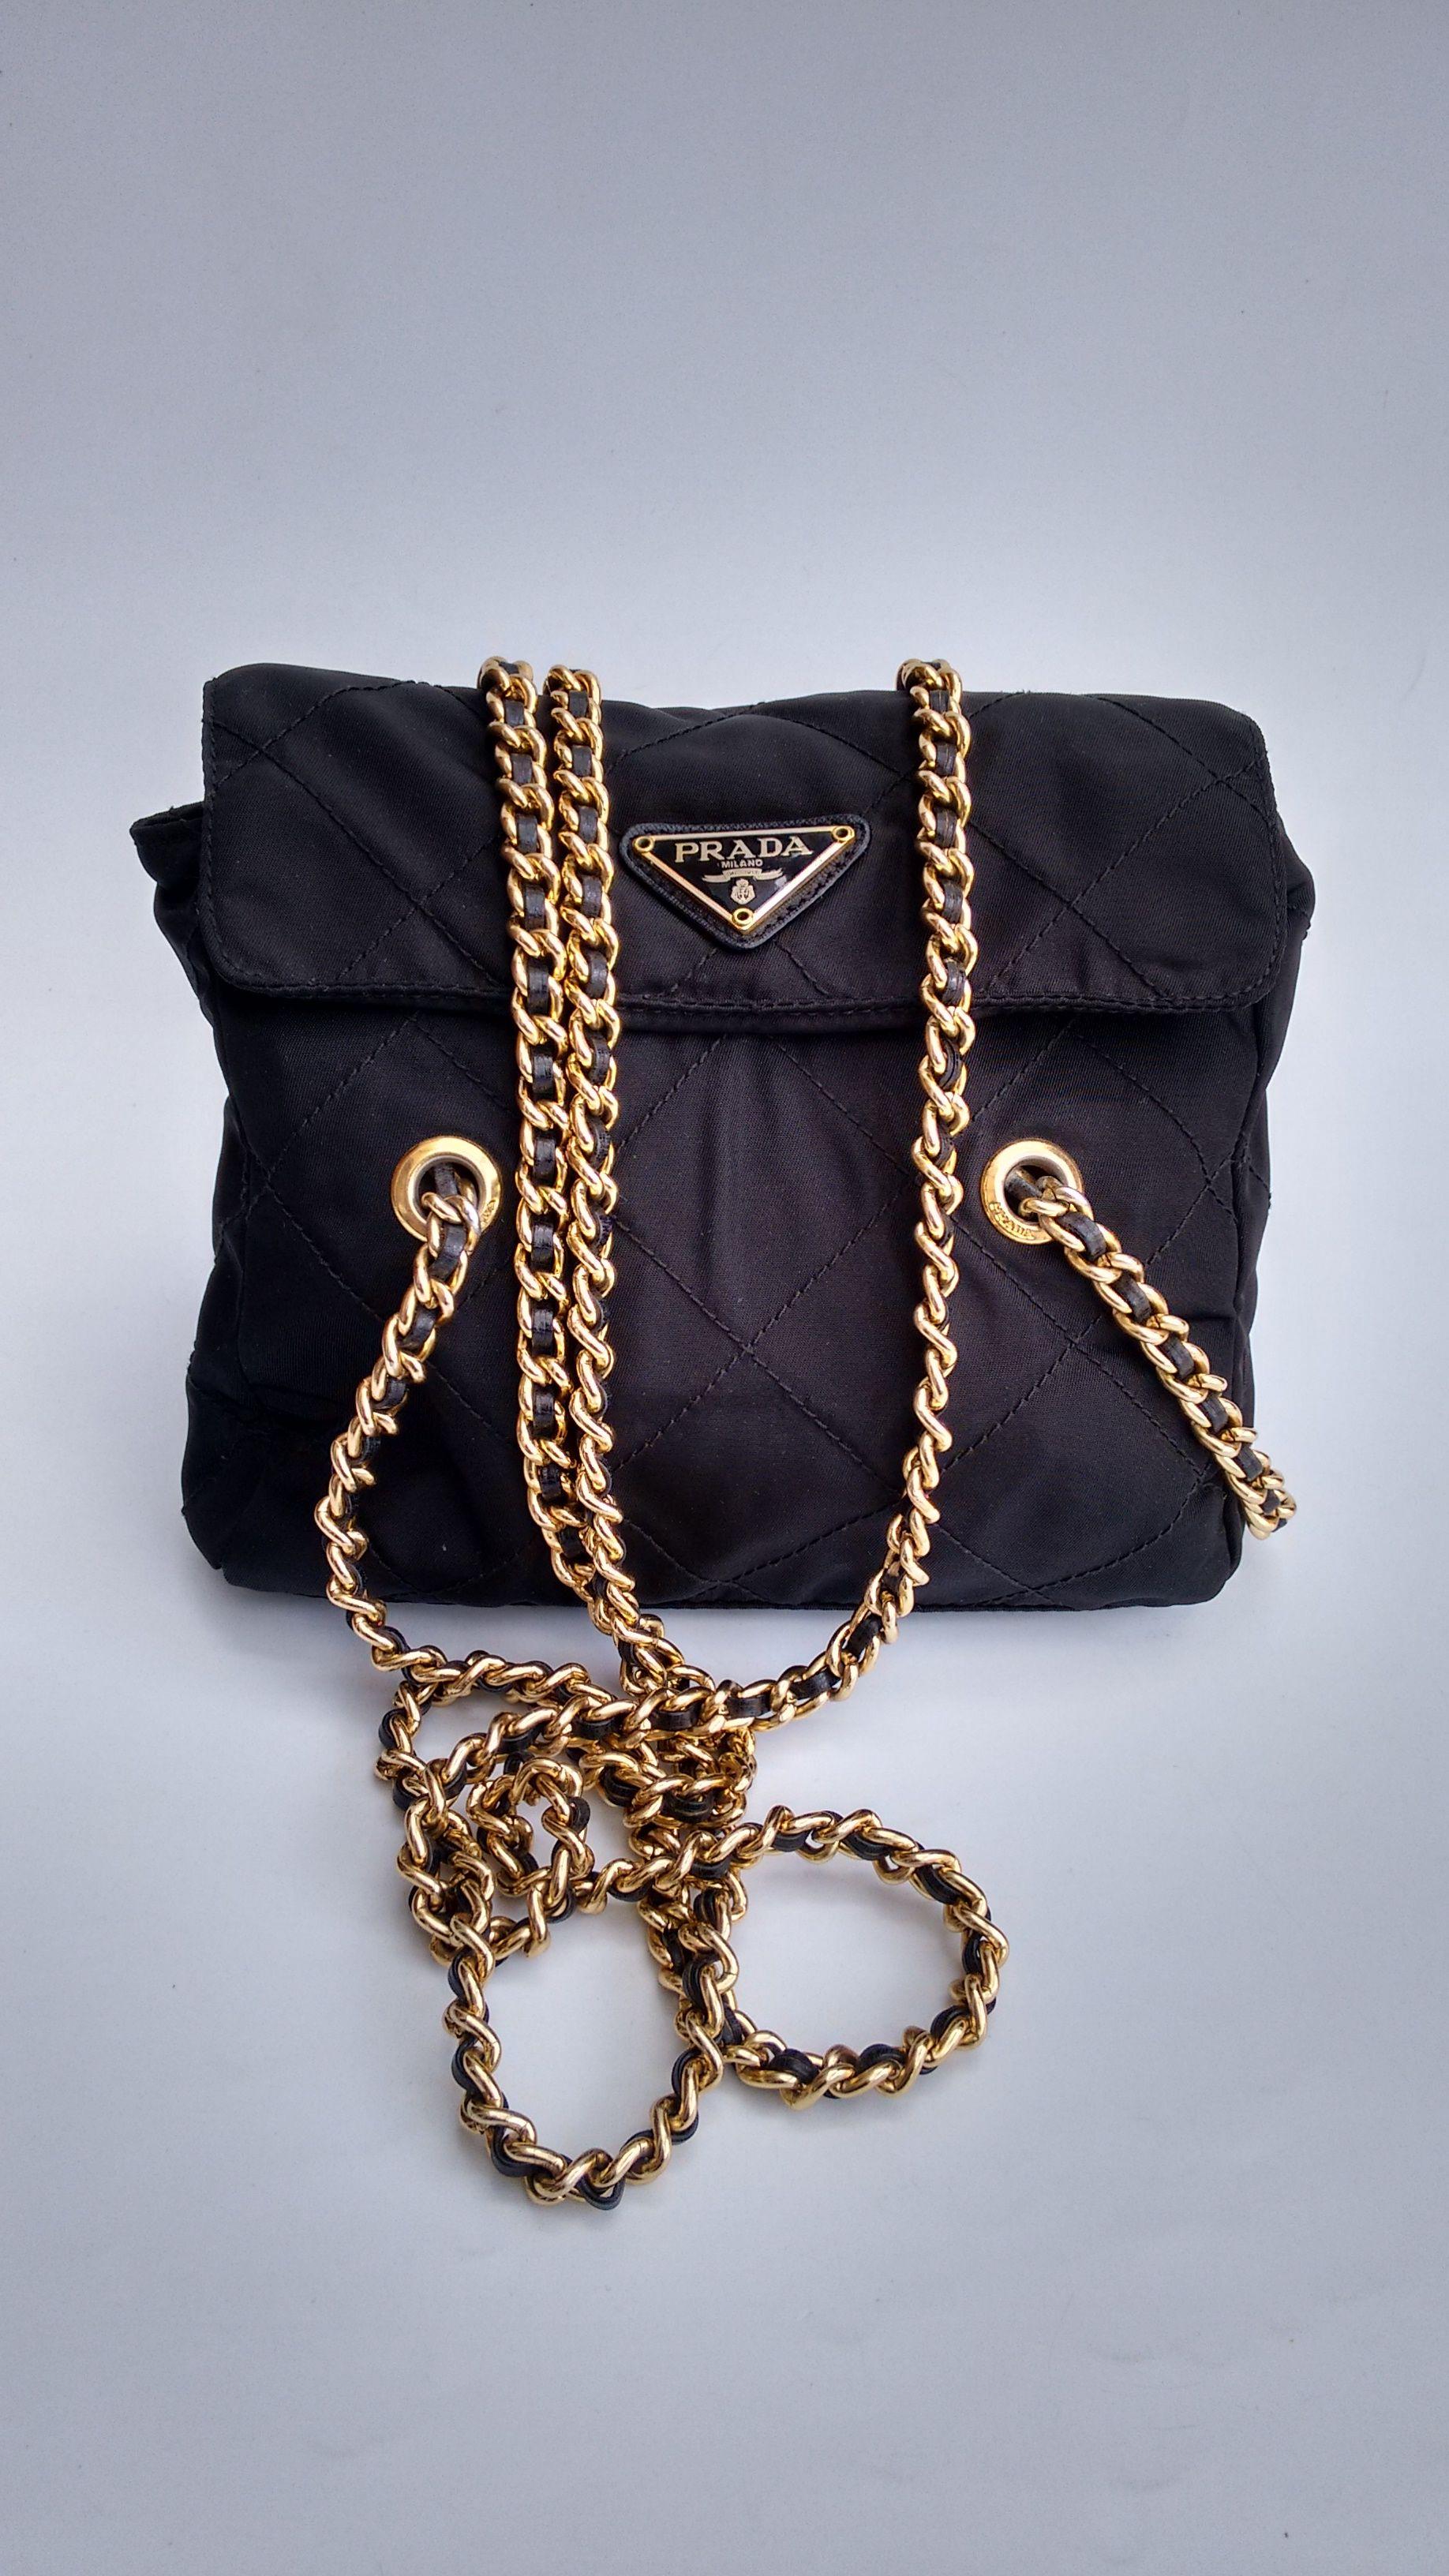 Prada Bag Tessuto Shoulder Tote